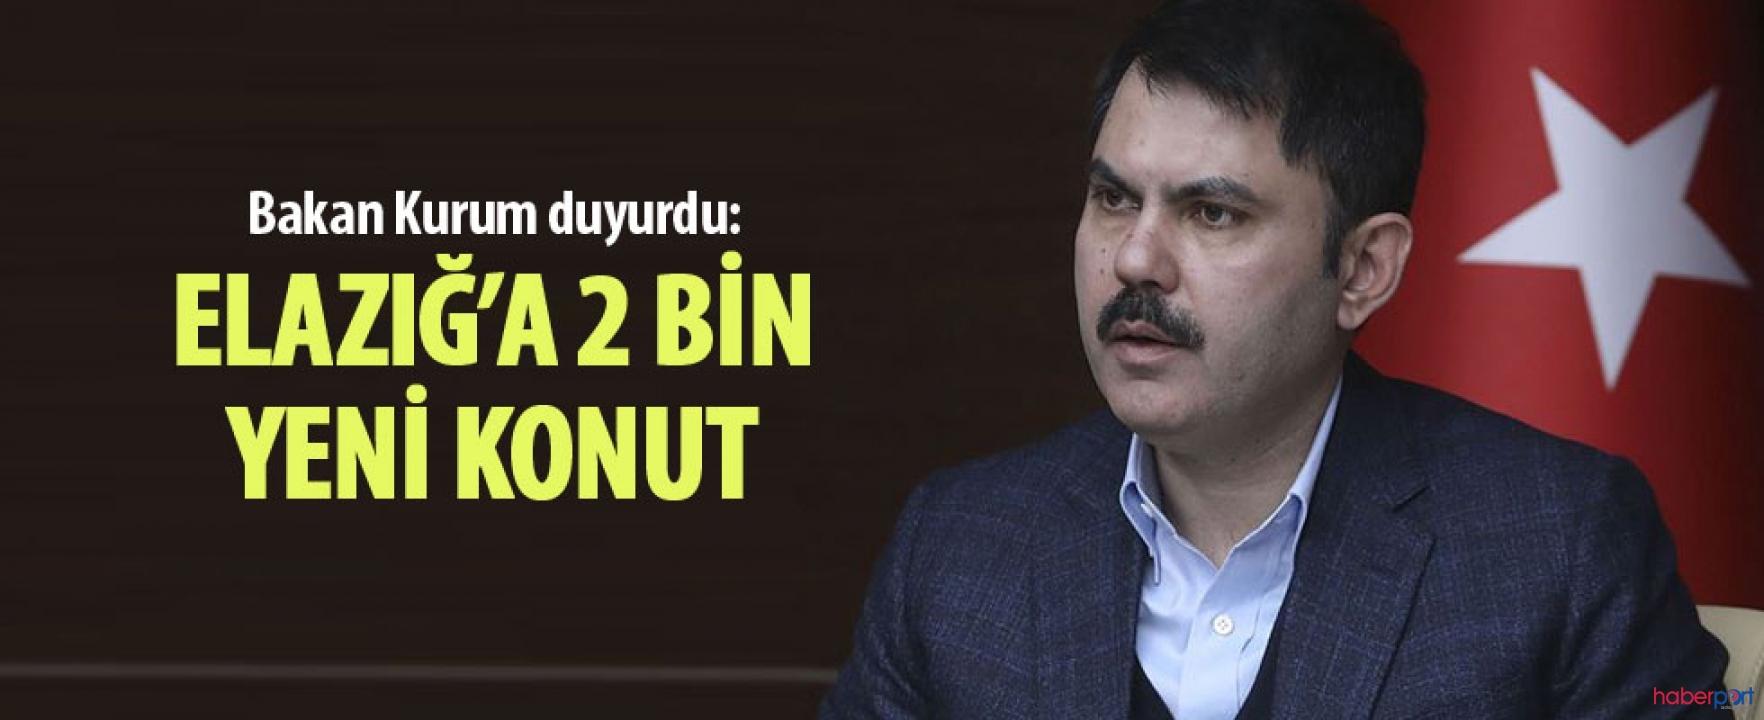 Bakan Kurum, Elazığ'da 2 bin yeni konut projesi çalışmalarına bugün başlanacığını açıkladı